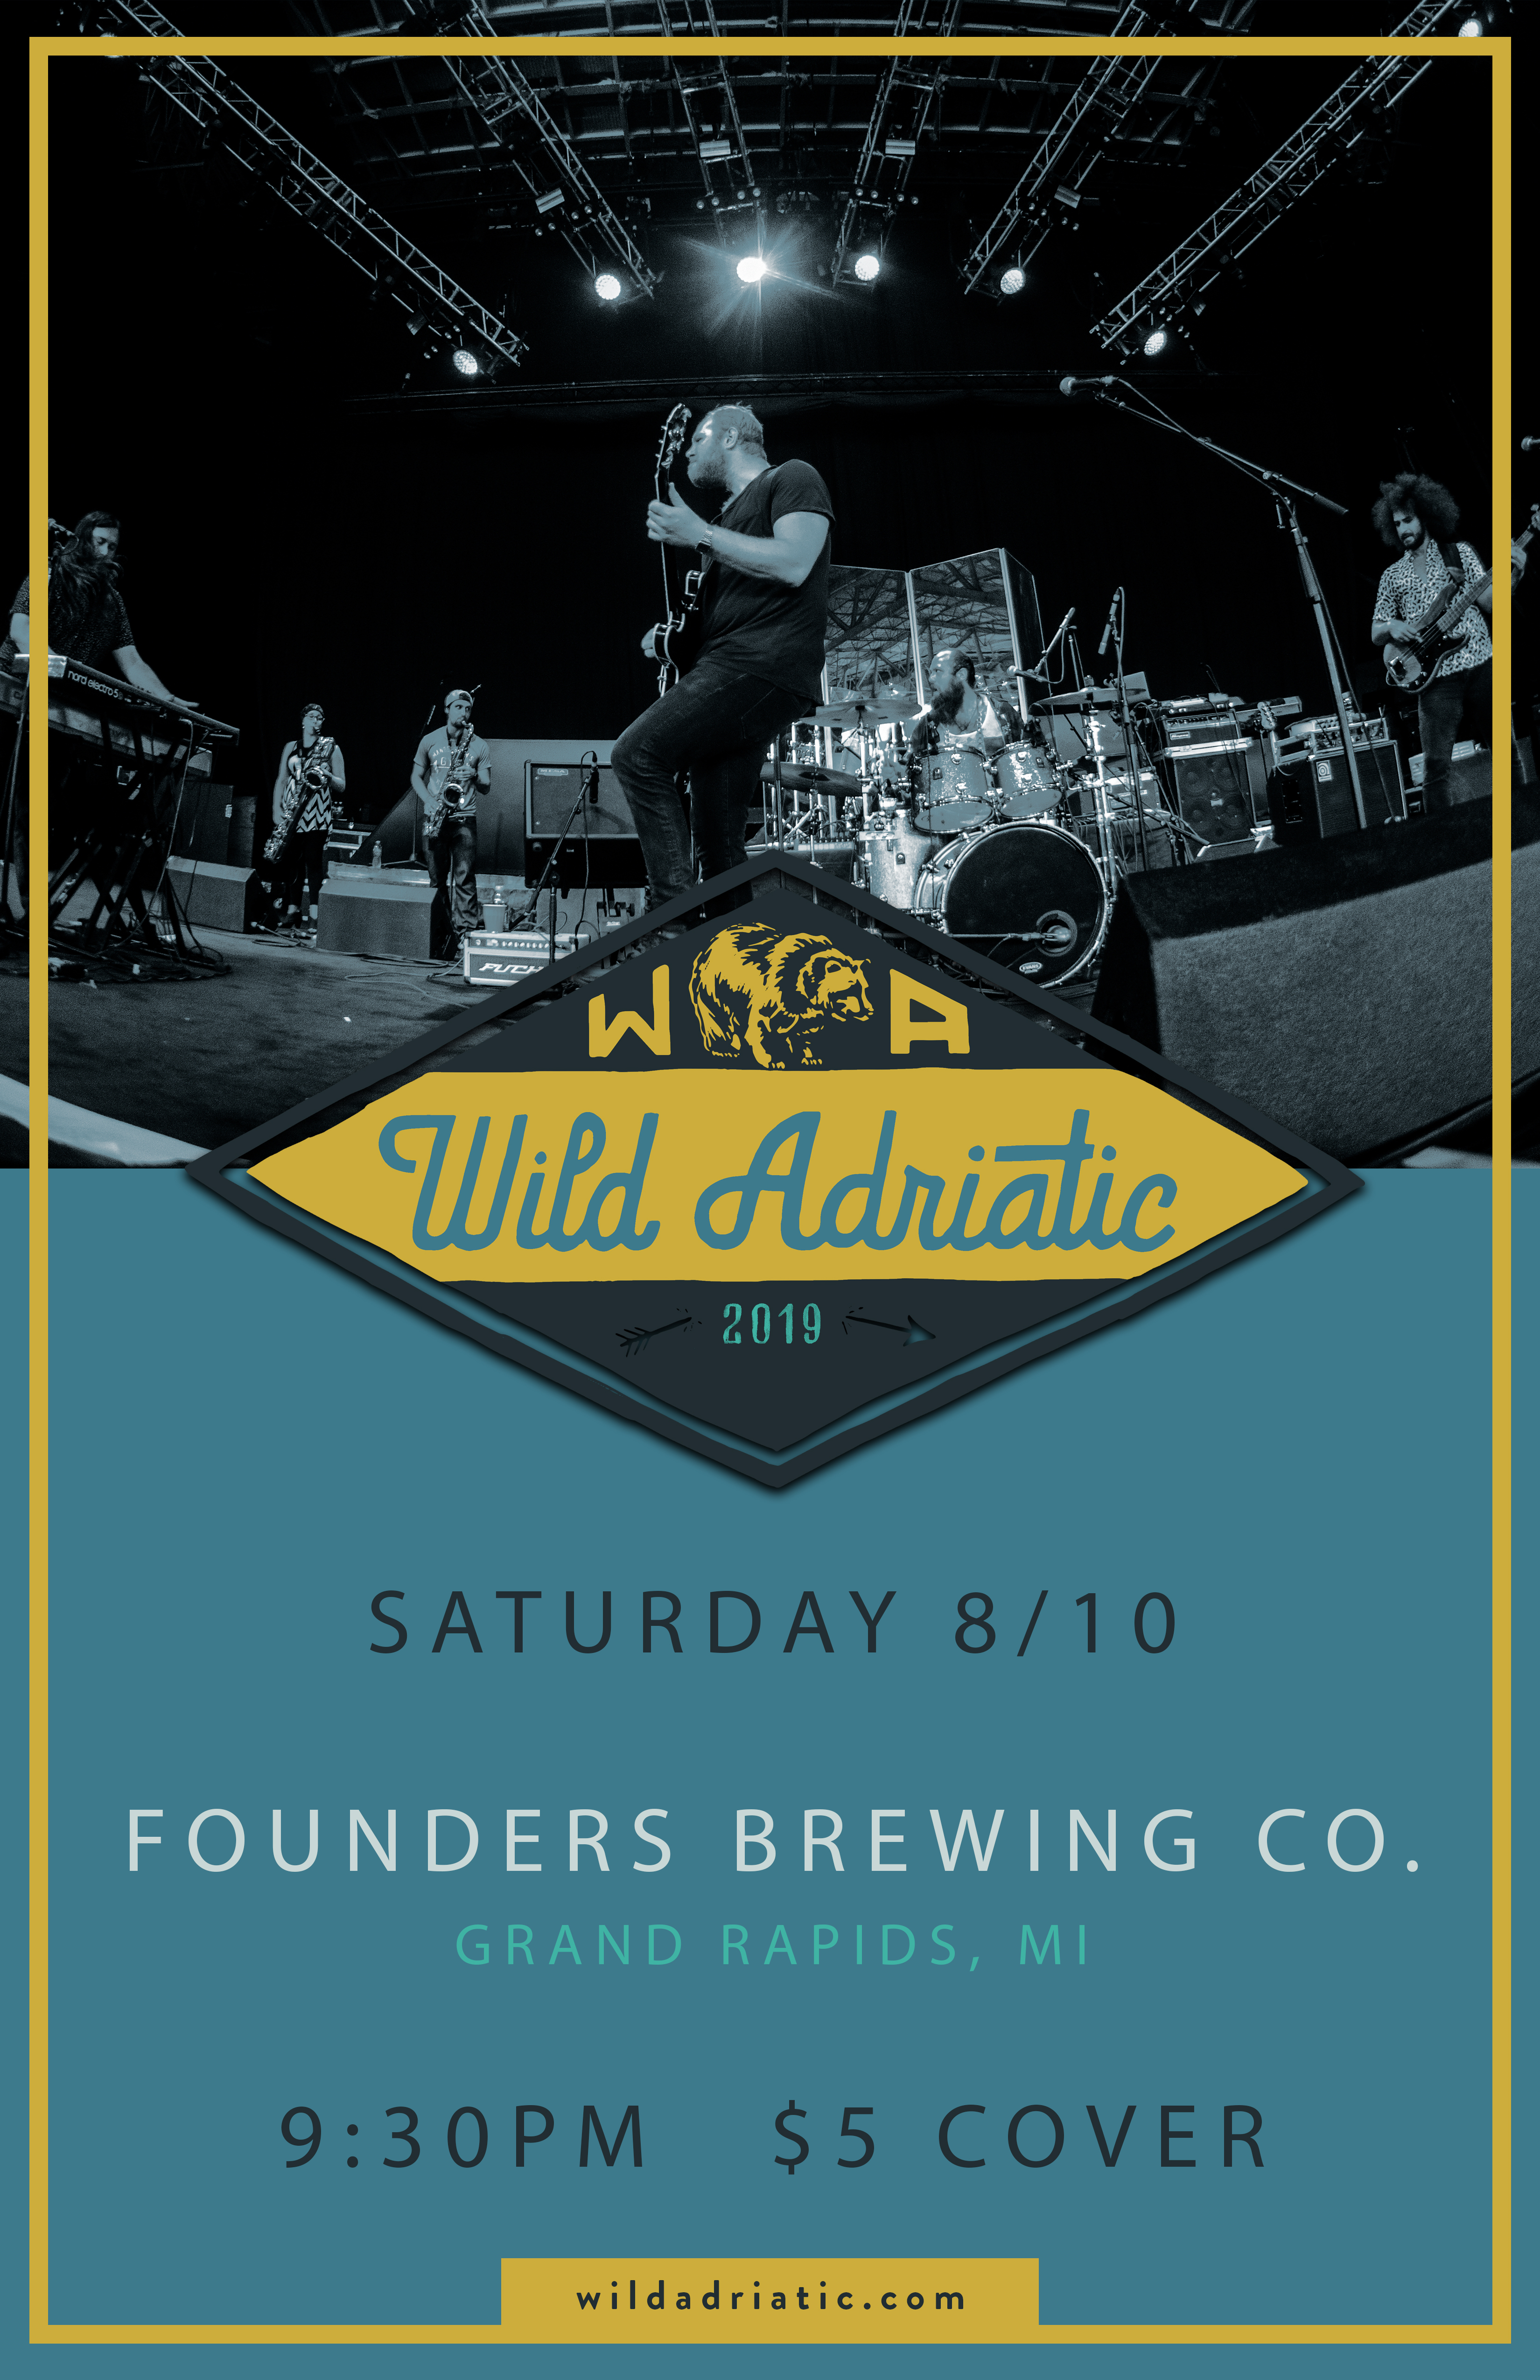 Wild Adriatic event poster